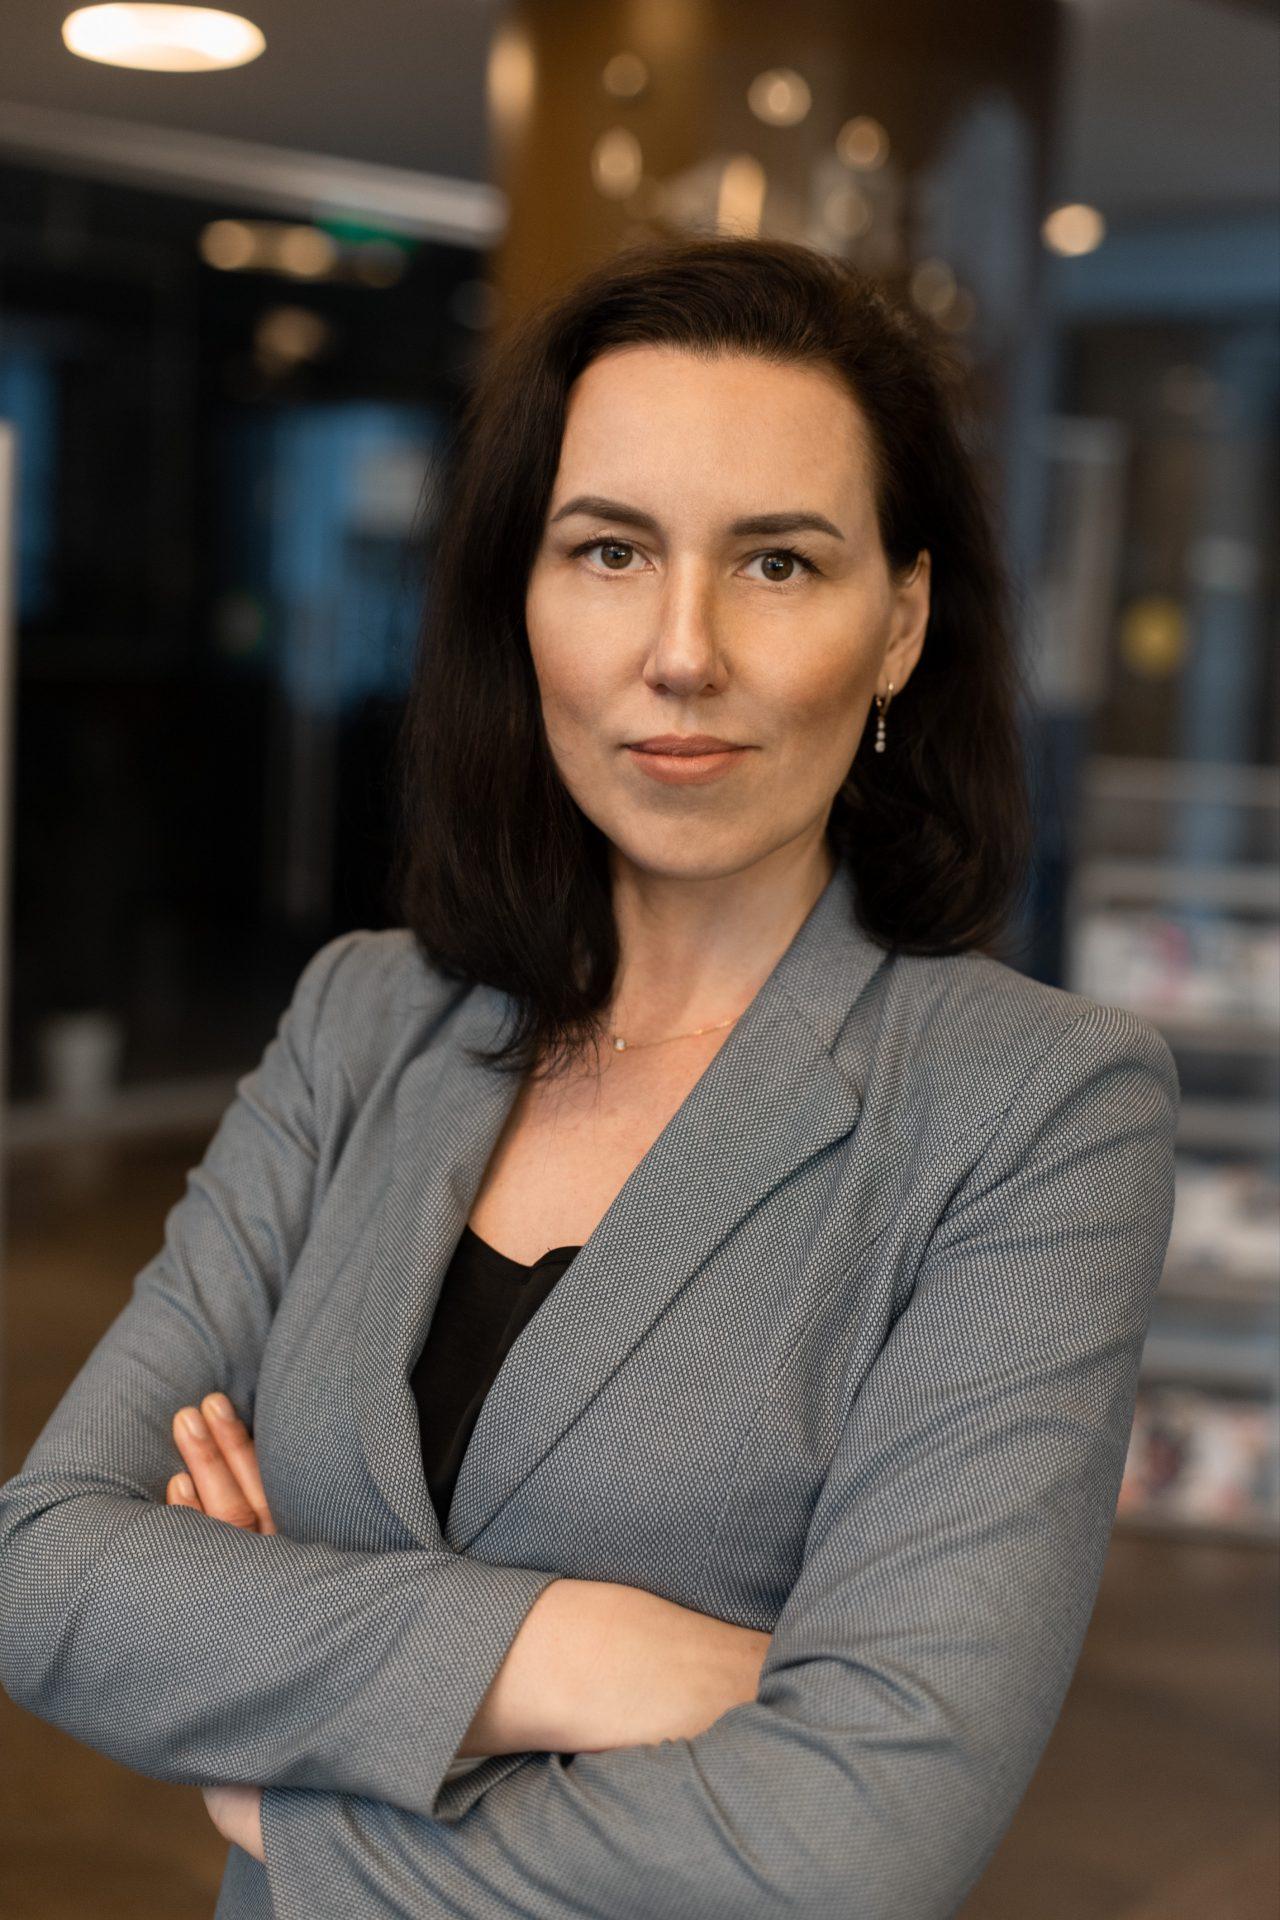 Ришняк Мария Андреевна